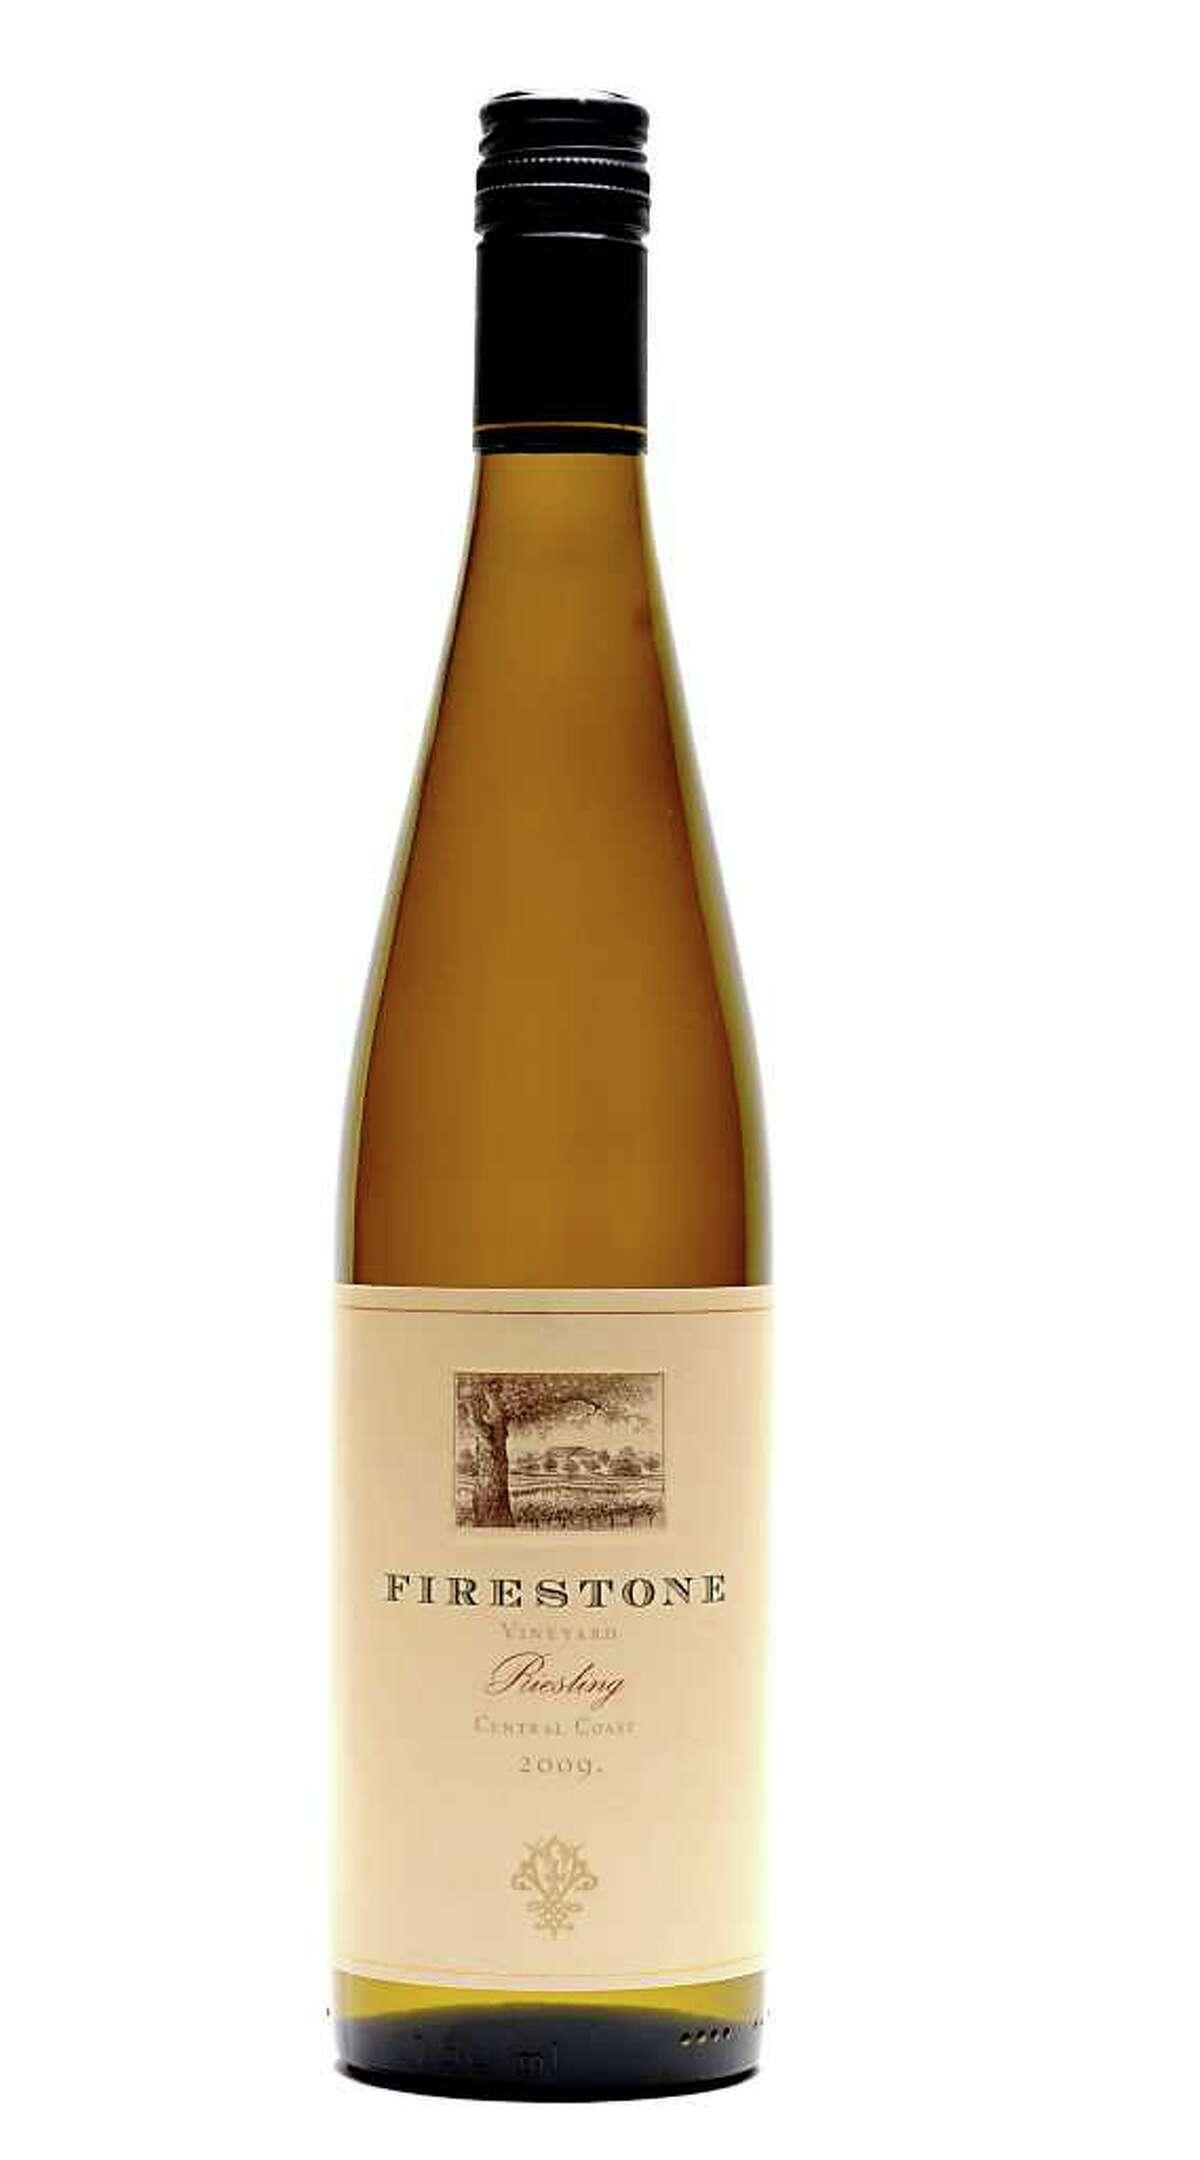 2009 Firestone Riesling wine on Tuesday, Dec. 6, 2011 in Colonie, N.Y. (Lori Van Buren / Times Union)